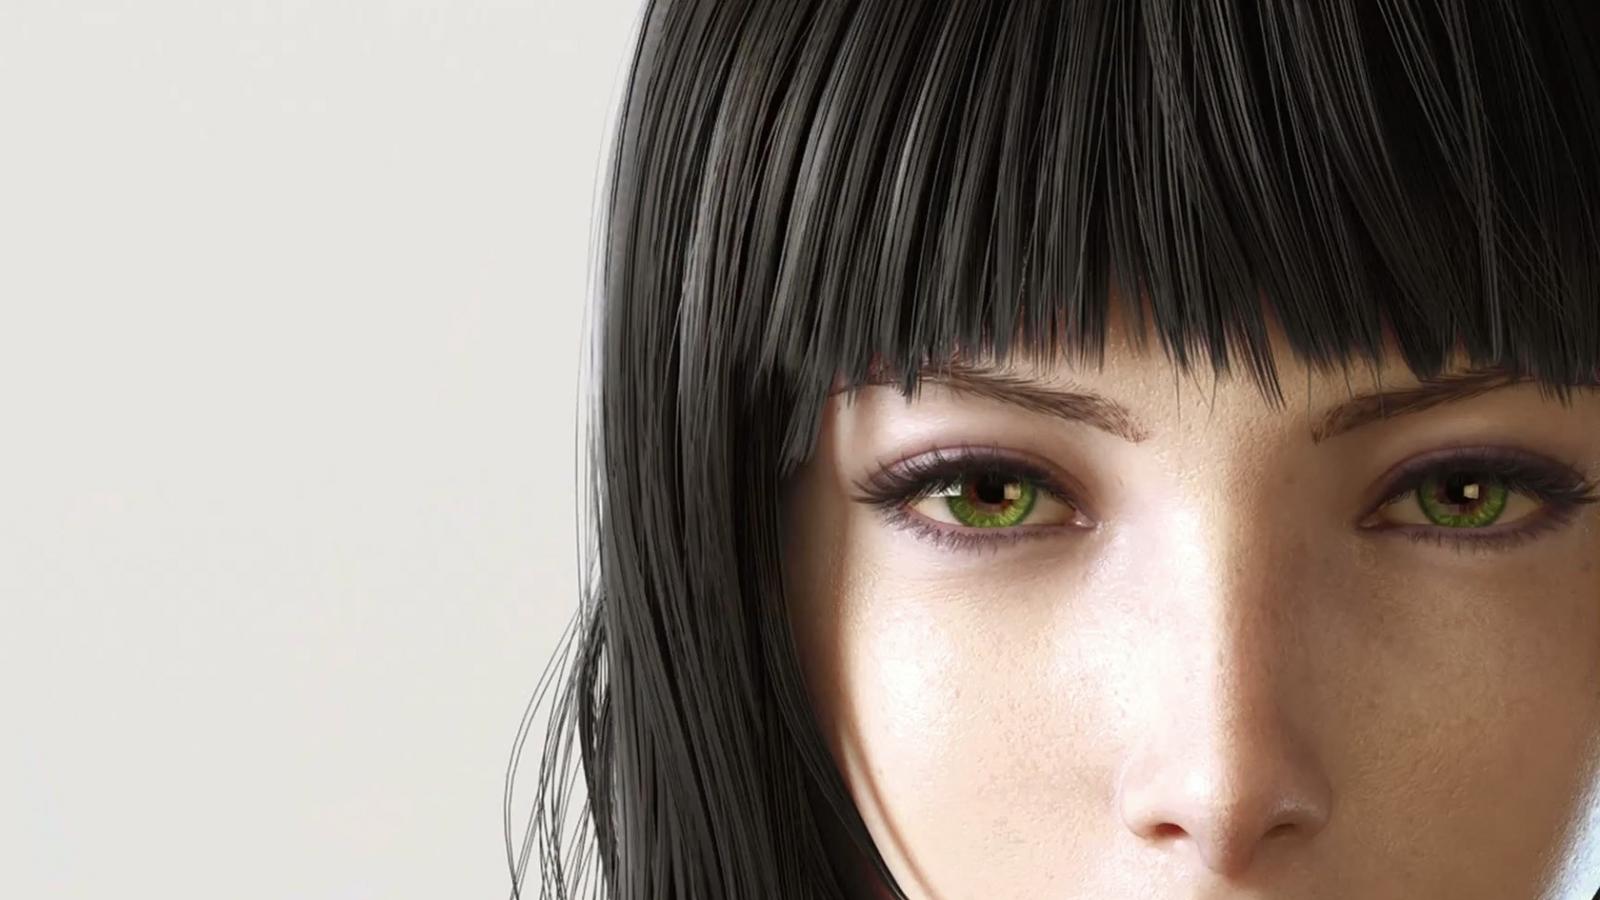 Imágenes realistas en 3D - 1600x900